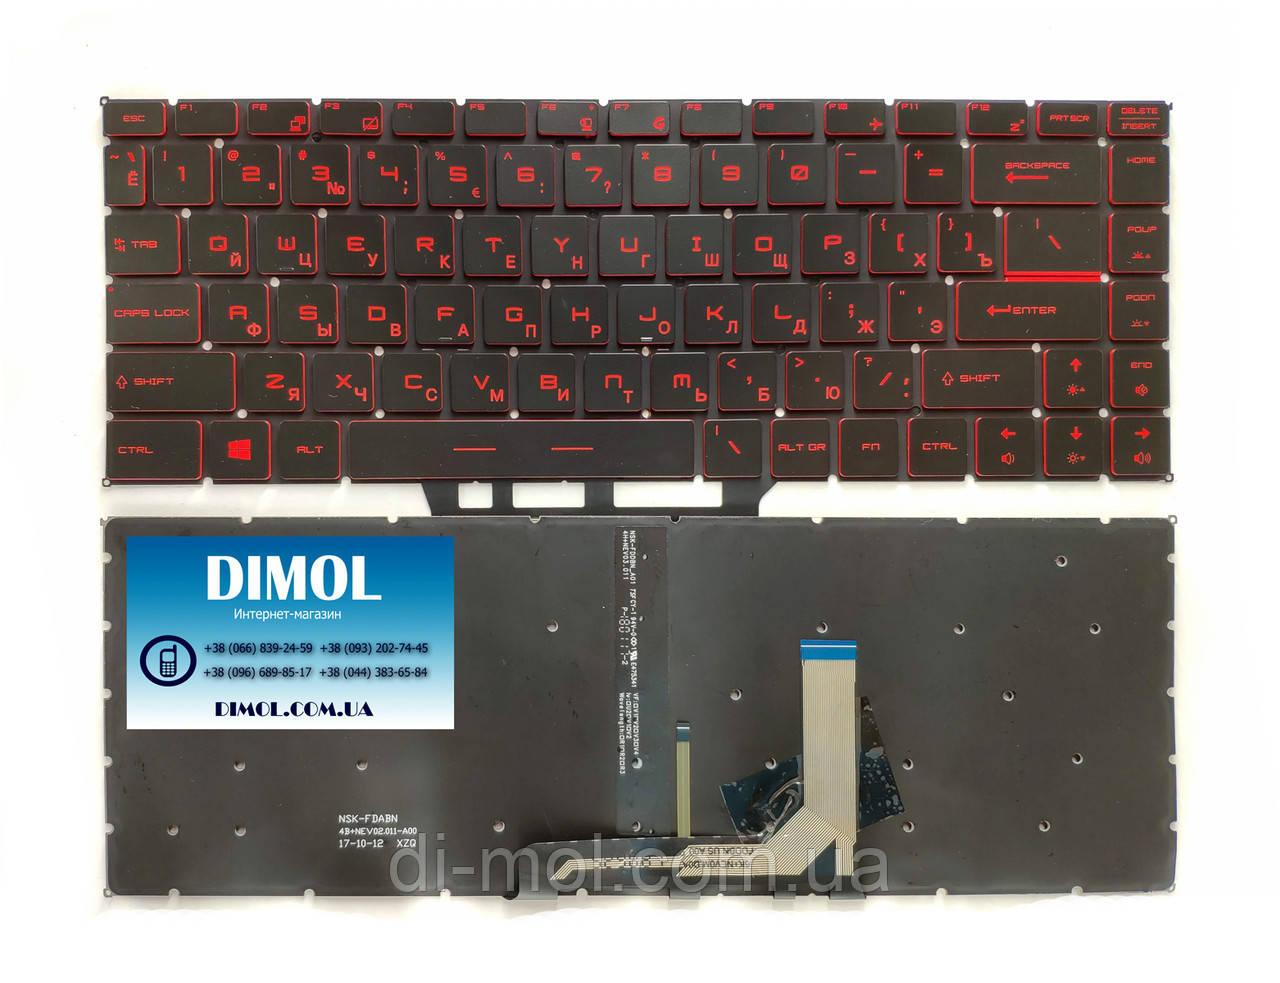 Оригінальна клавіатура для ноутбука MSI GF63, GF63 8RC, GF63 8RD series, rus, black, підсвітка